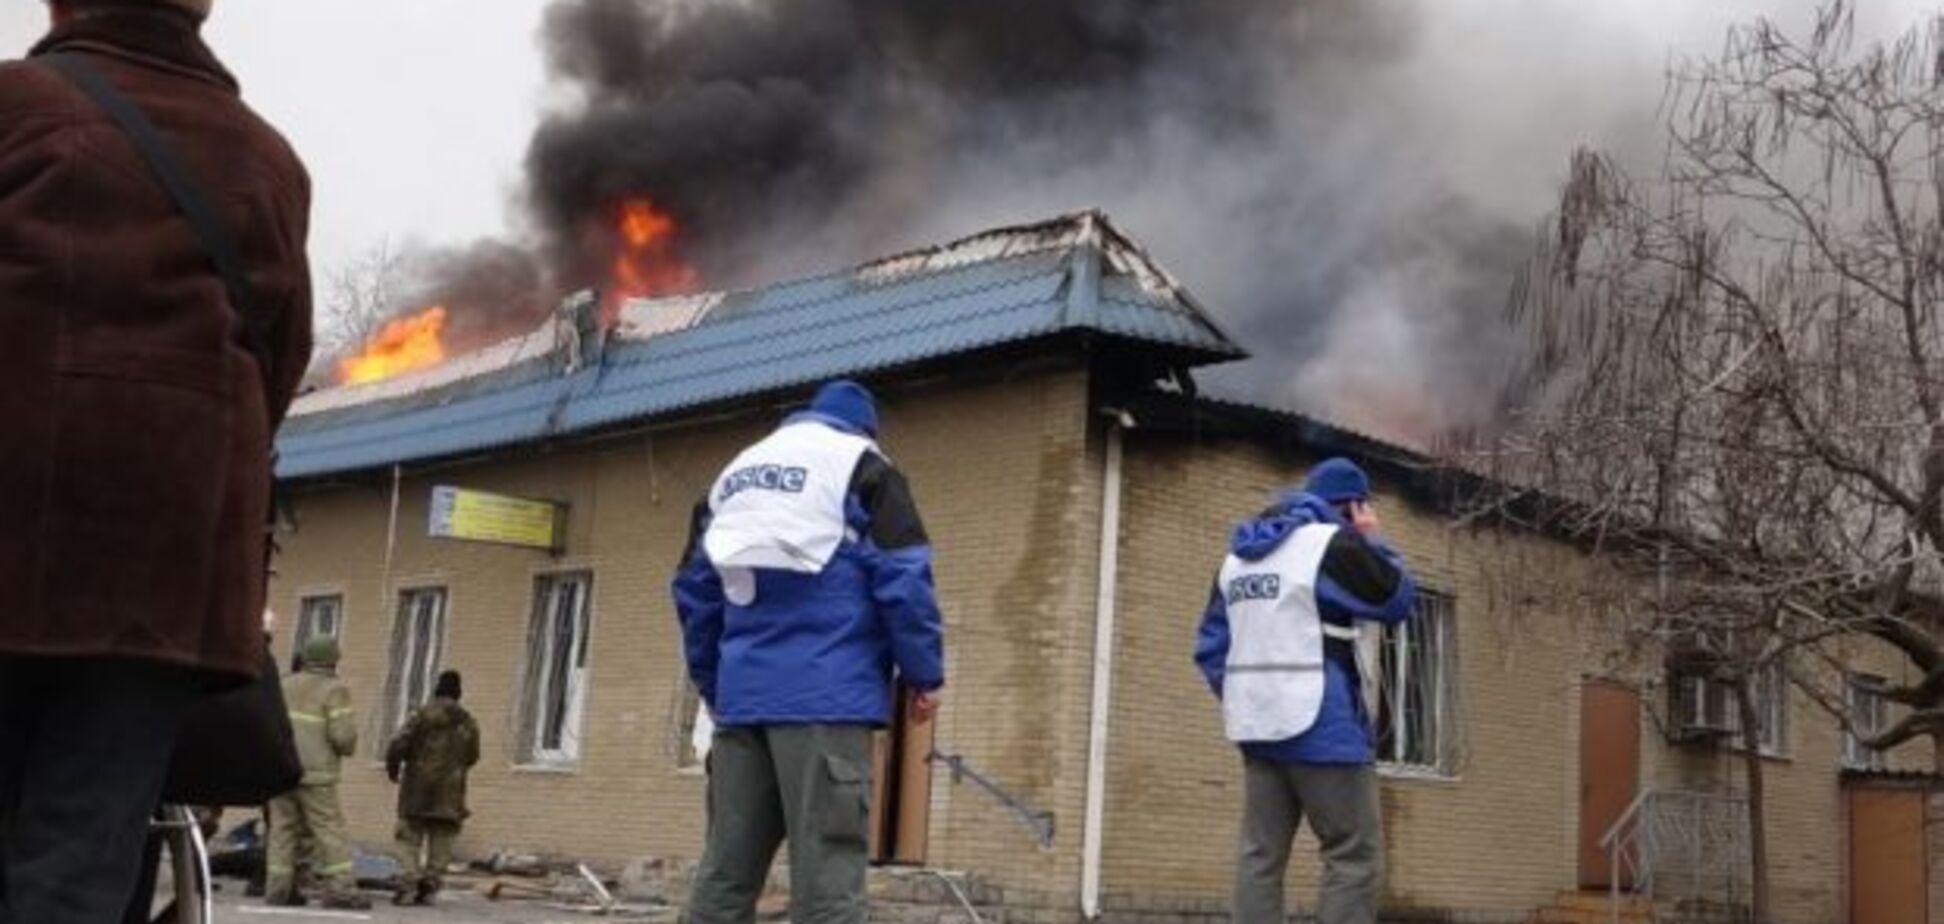 Обстріл Маріуполя. Все про військовий злочин російської армії 24 січня 2015 року